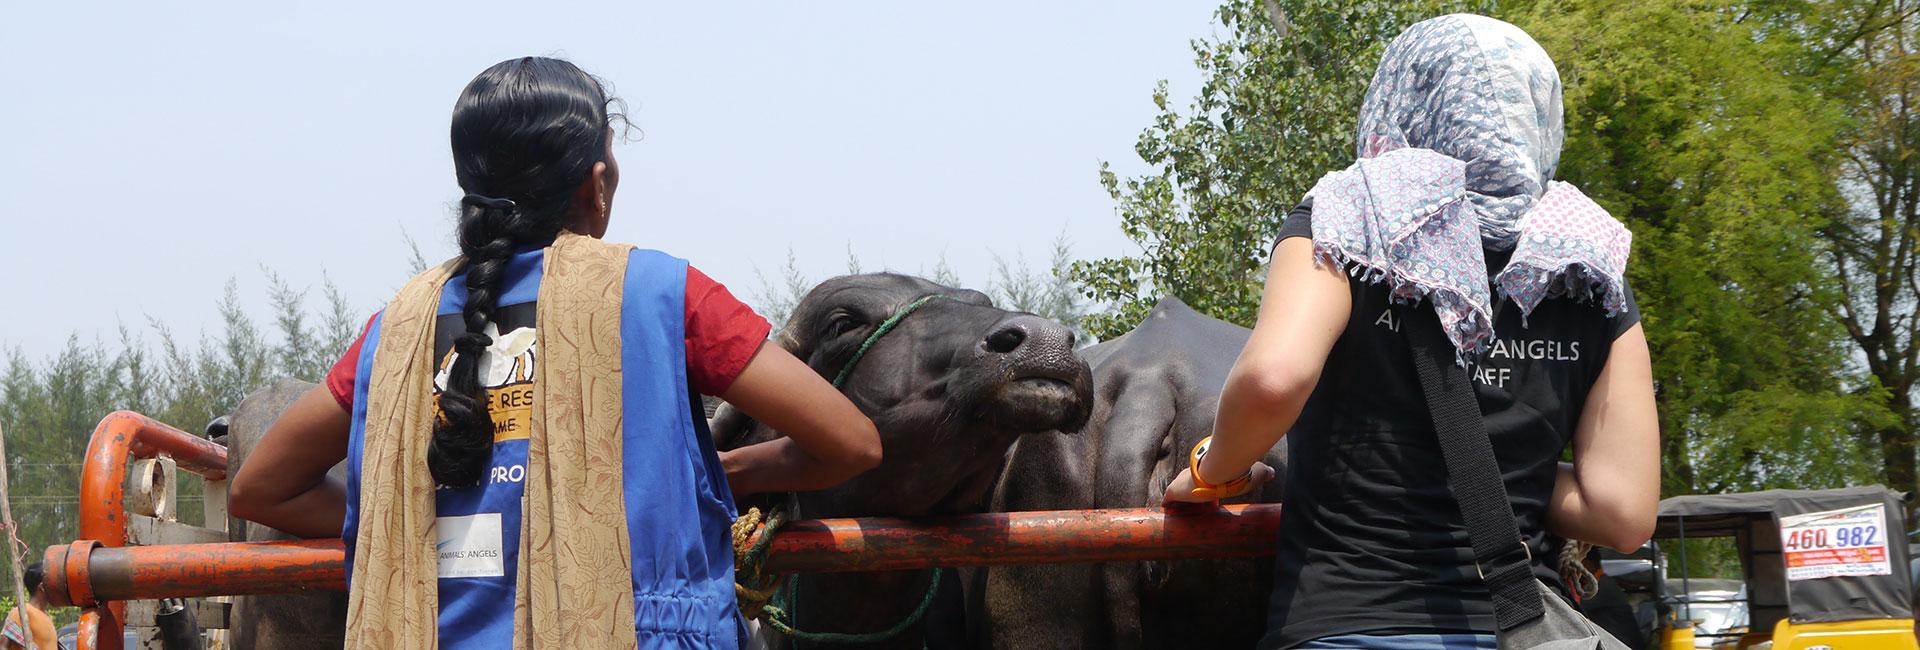 Sophie von Animals' Angels und Sri Devi von der VSPCA kontrollieren einen Tiertransport mit Rindern in Indien